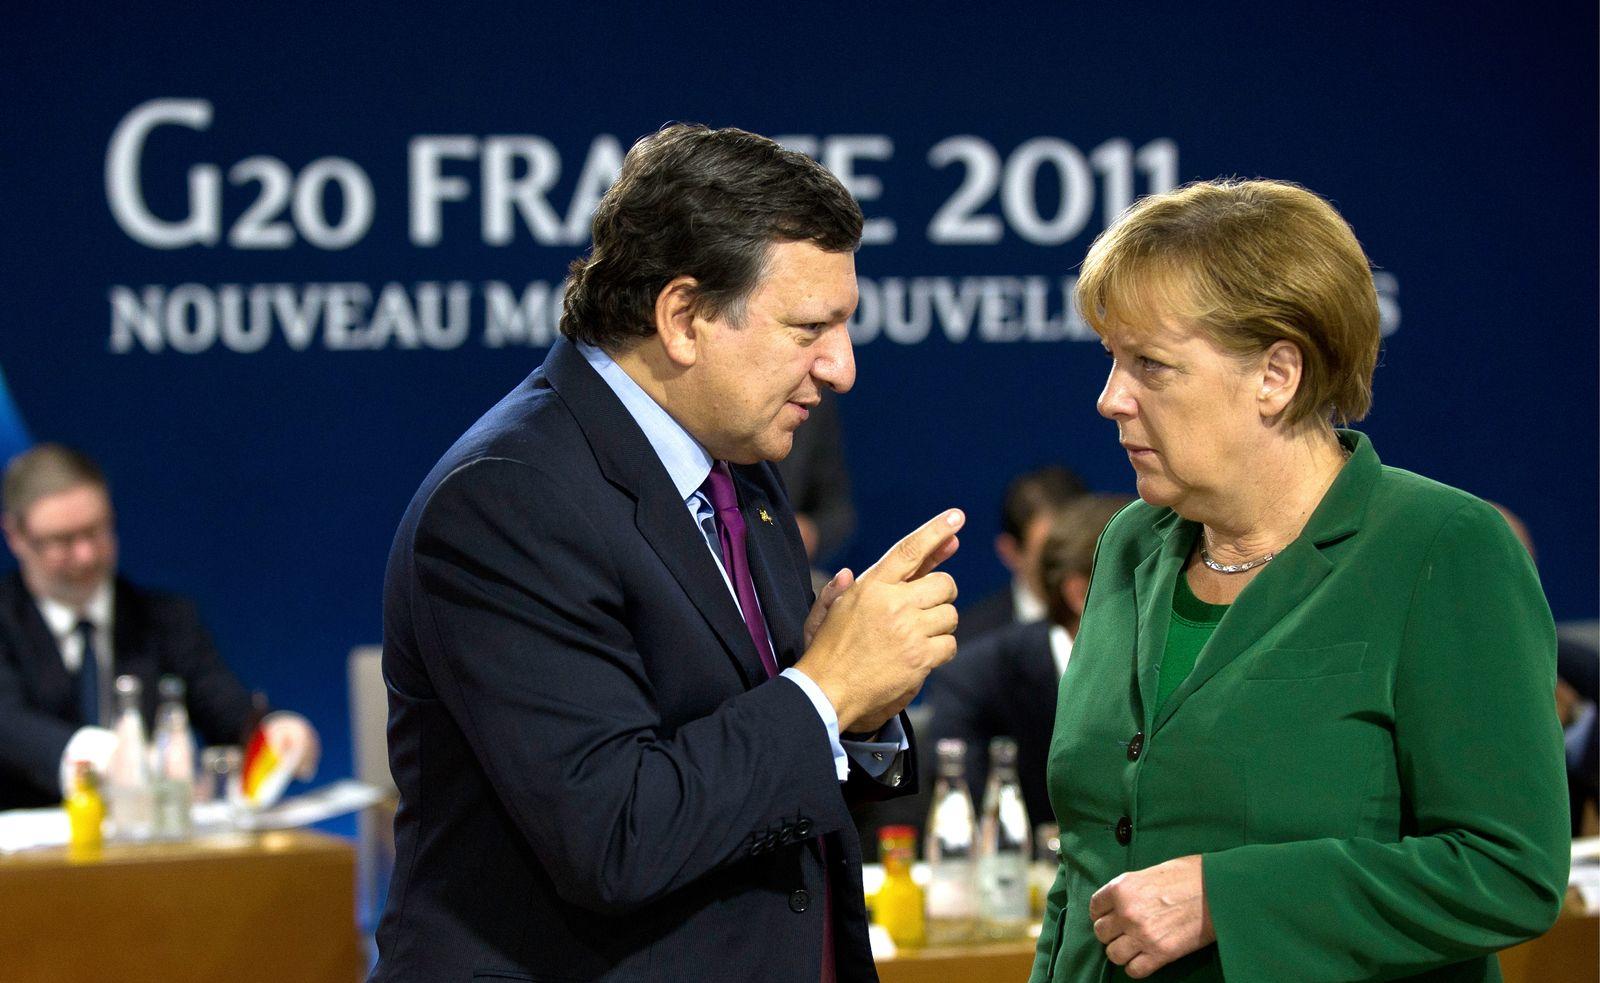 NICHT VERWENDEN Barroso/ Merkel